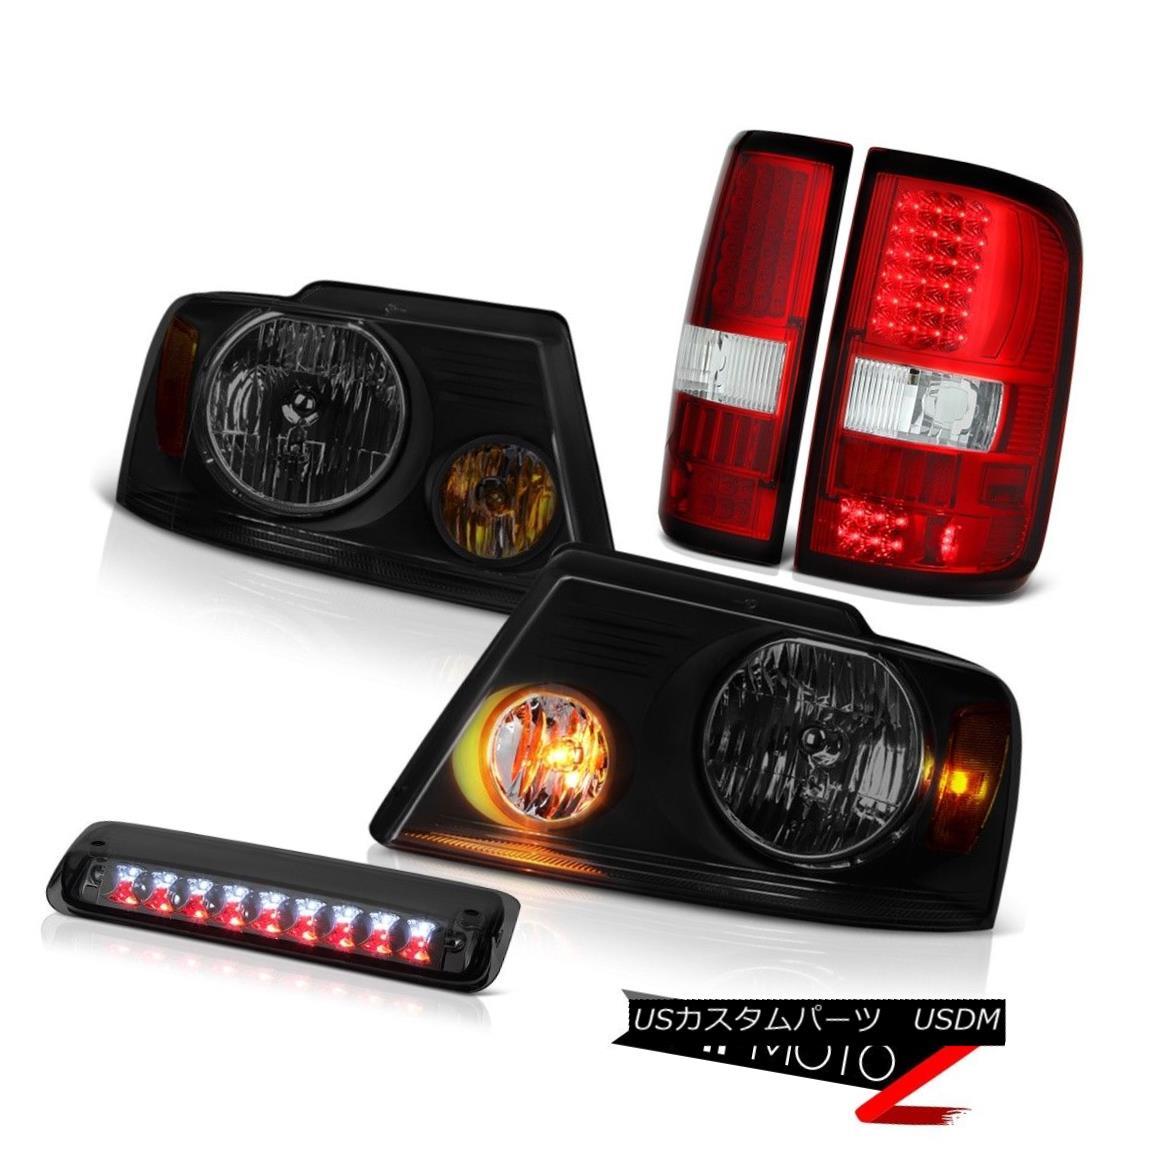 テールライト 04-08 Ford F150 XLT Darkest Smoke Headlamps Roof Brake Lamp Taillamps Assembly 04-08 Ford F150 XLT最も暗い煙ヘッドランプ屋根用ブレーキランプタイルランプアセンブリ